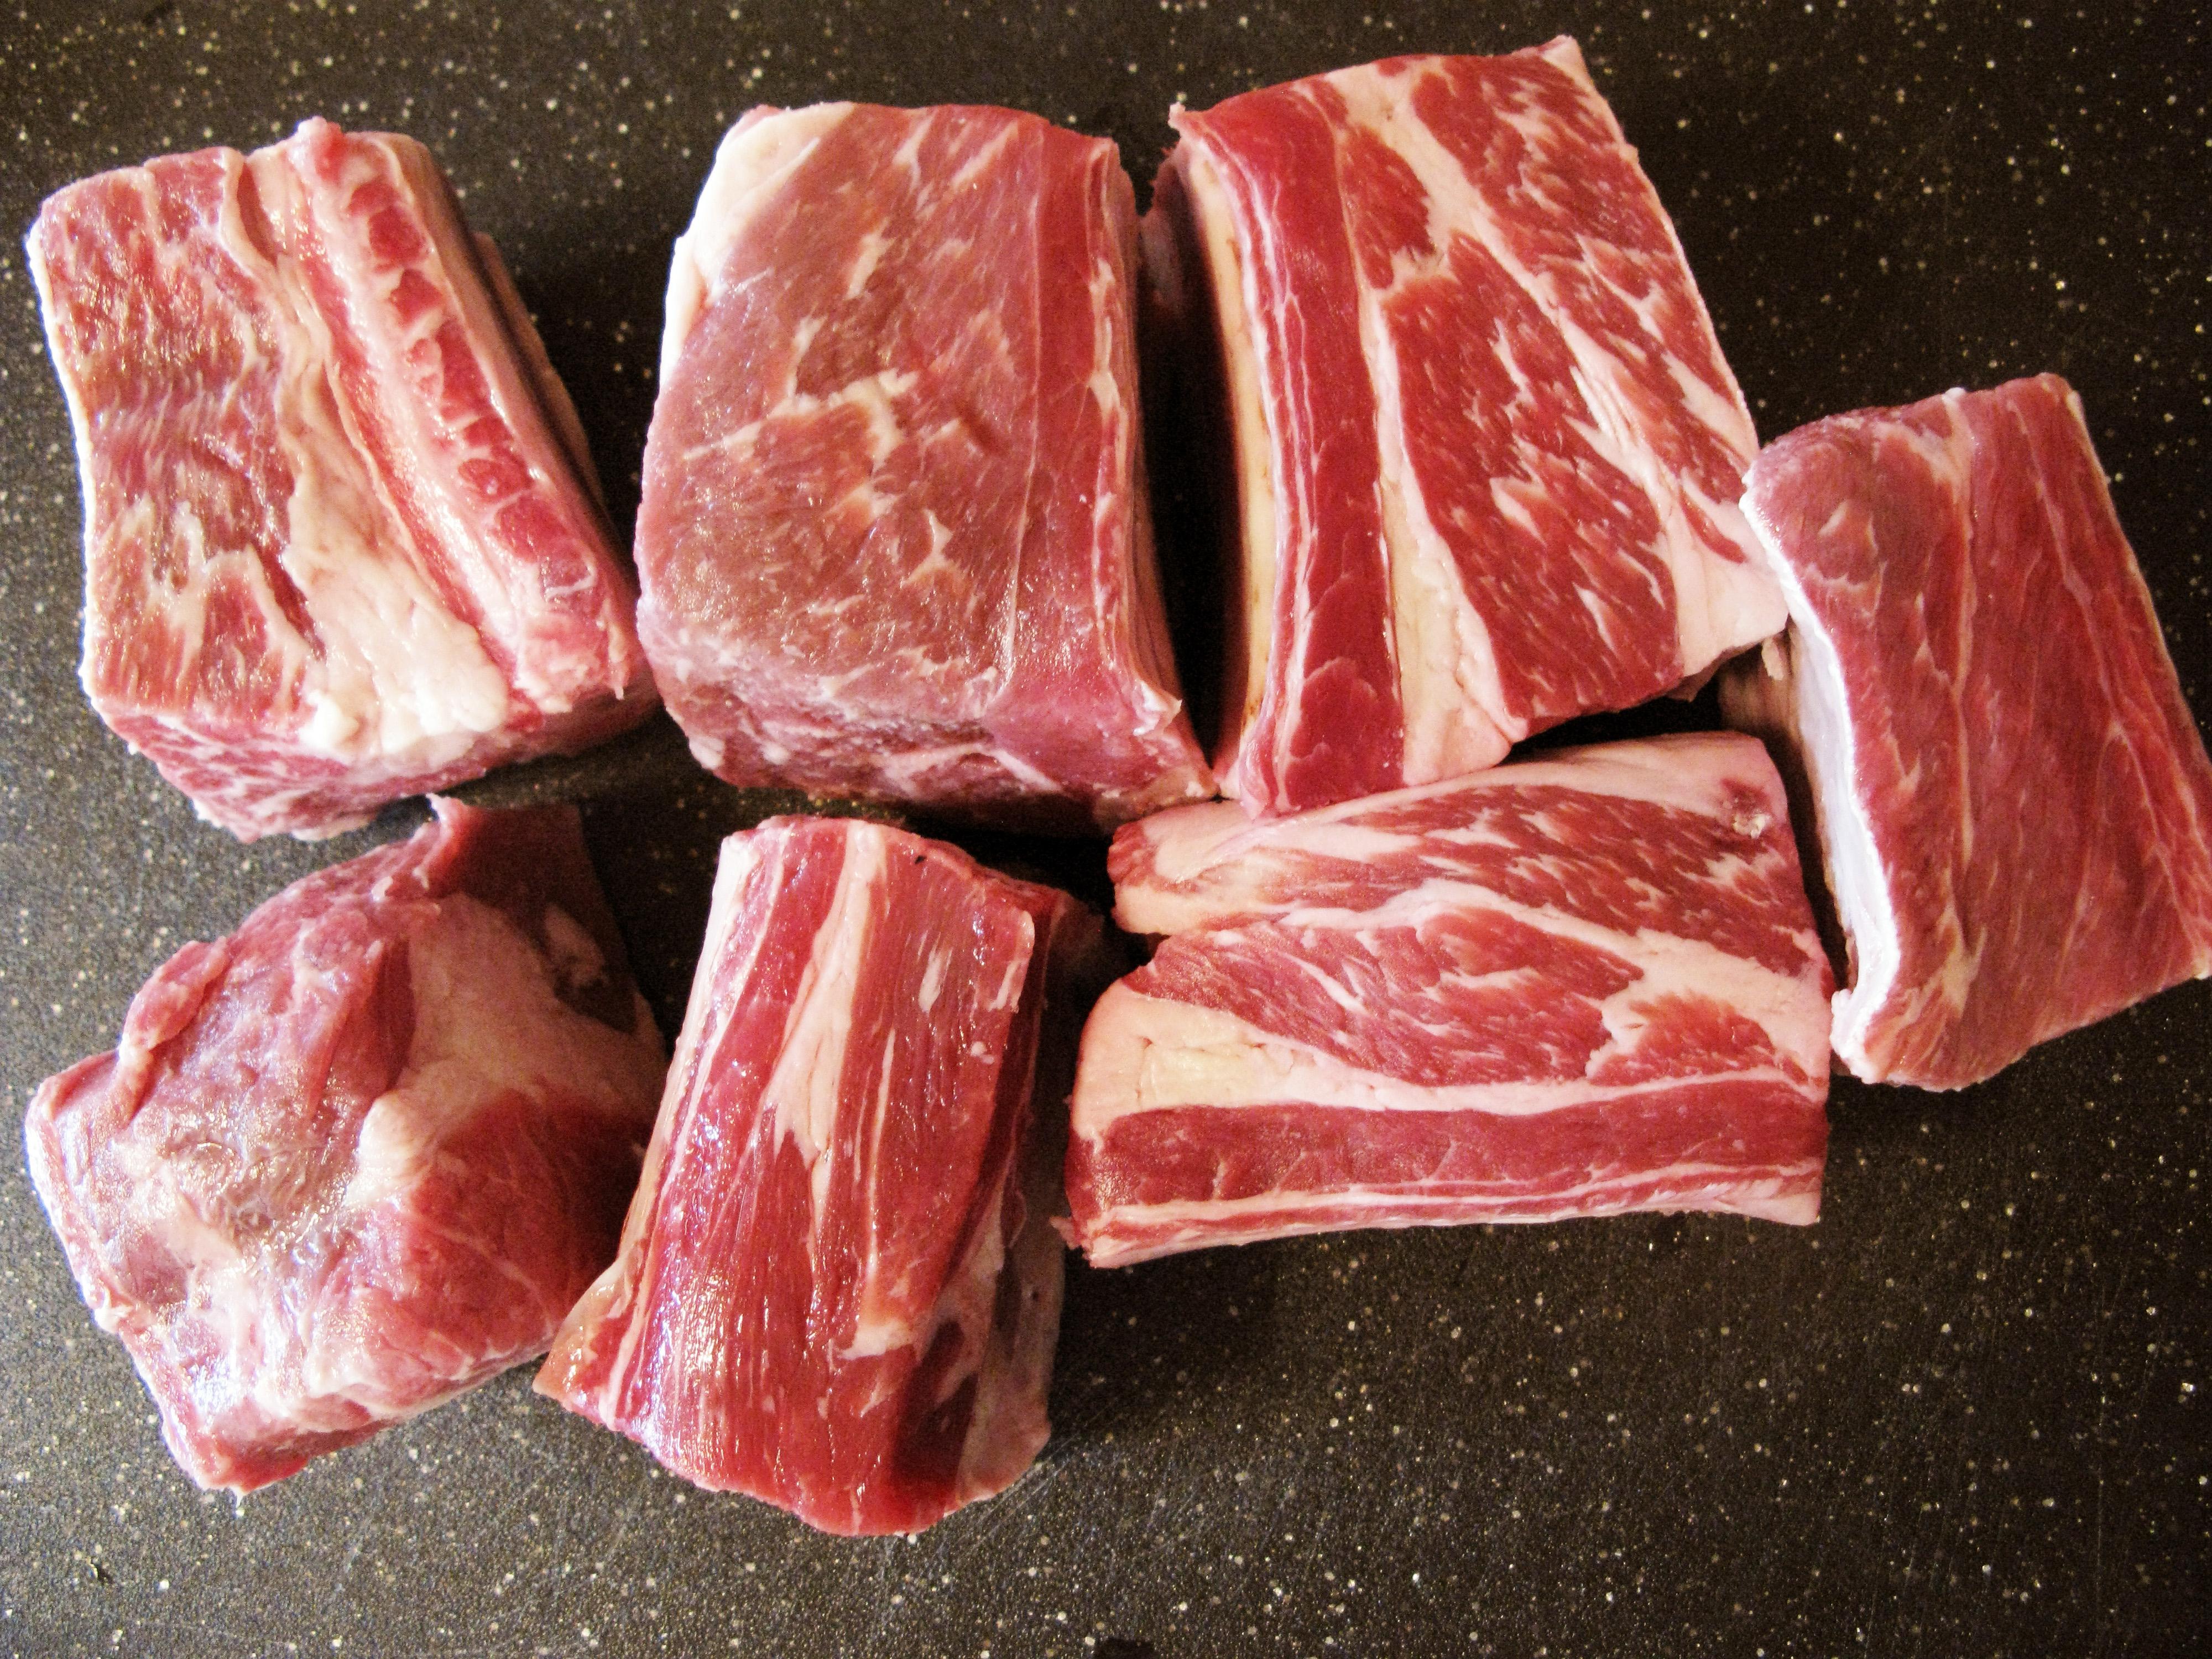 Разделка, обвалка и жиловка мяса при производстве колбас » все о технологии мяса и мясных продуктов